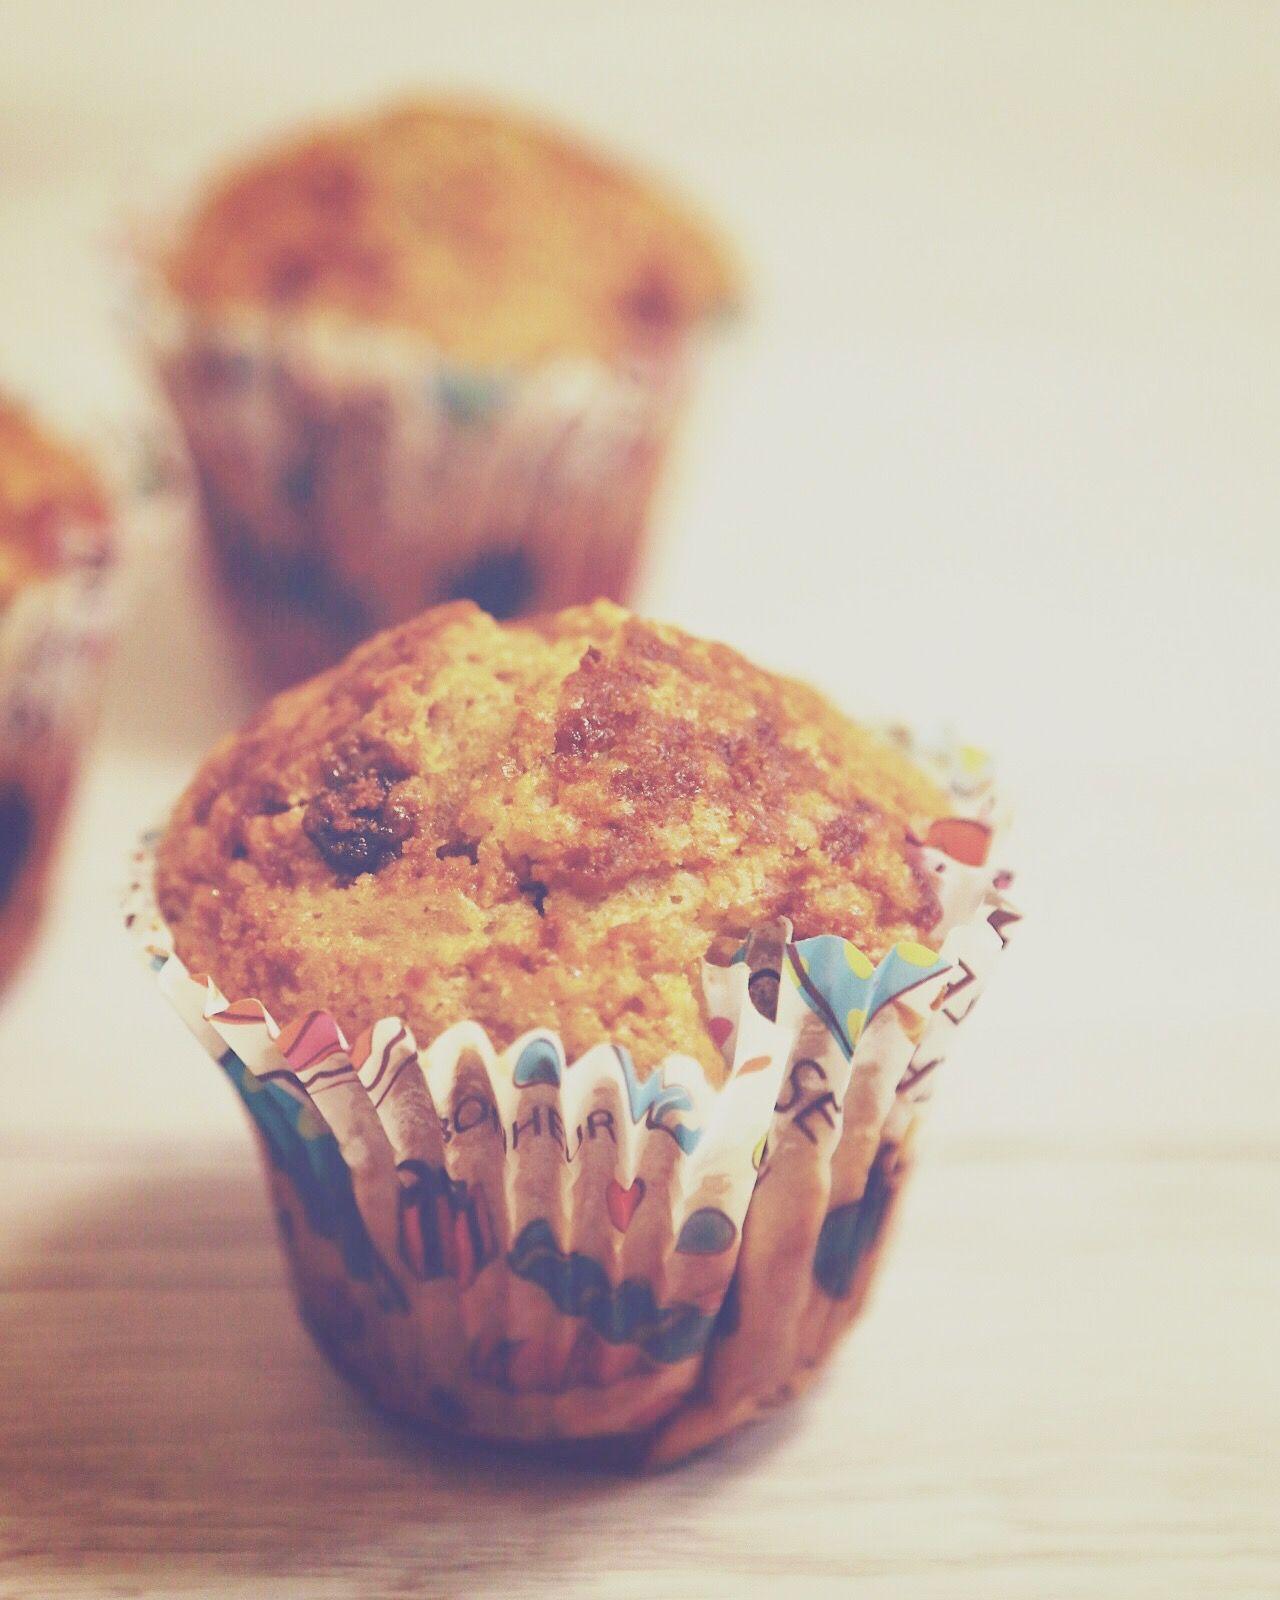 MUFFINS DE MANZANA Y CANELA https://thermoblog.es/muffins-manzana-canela/